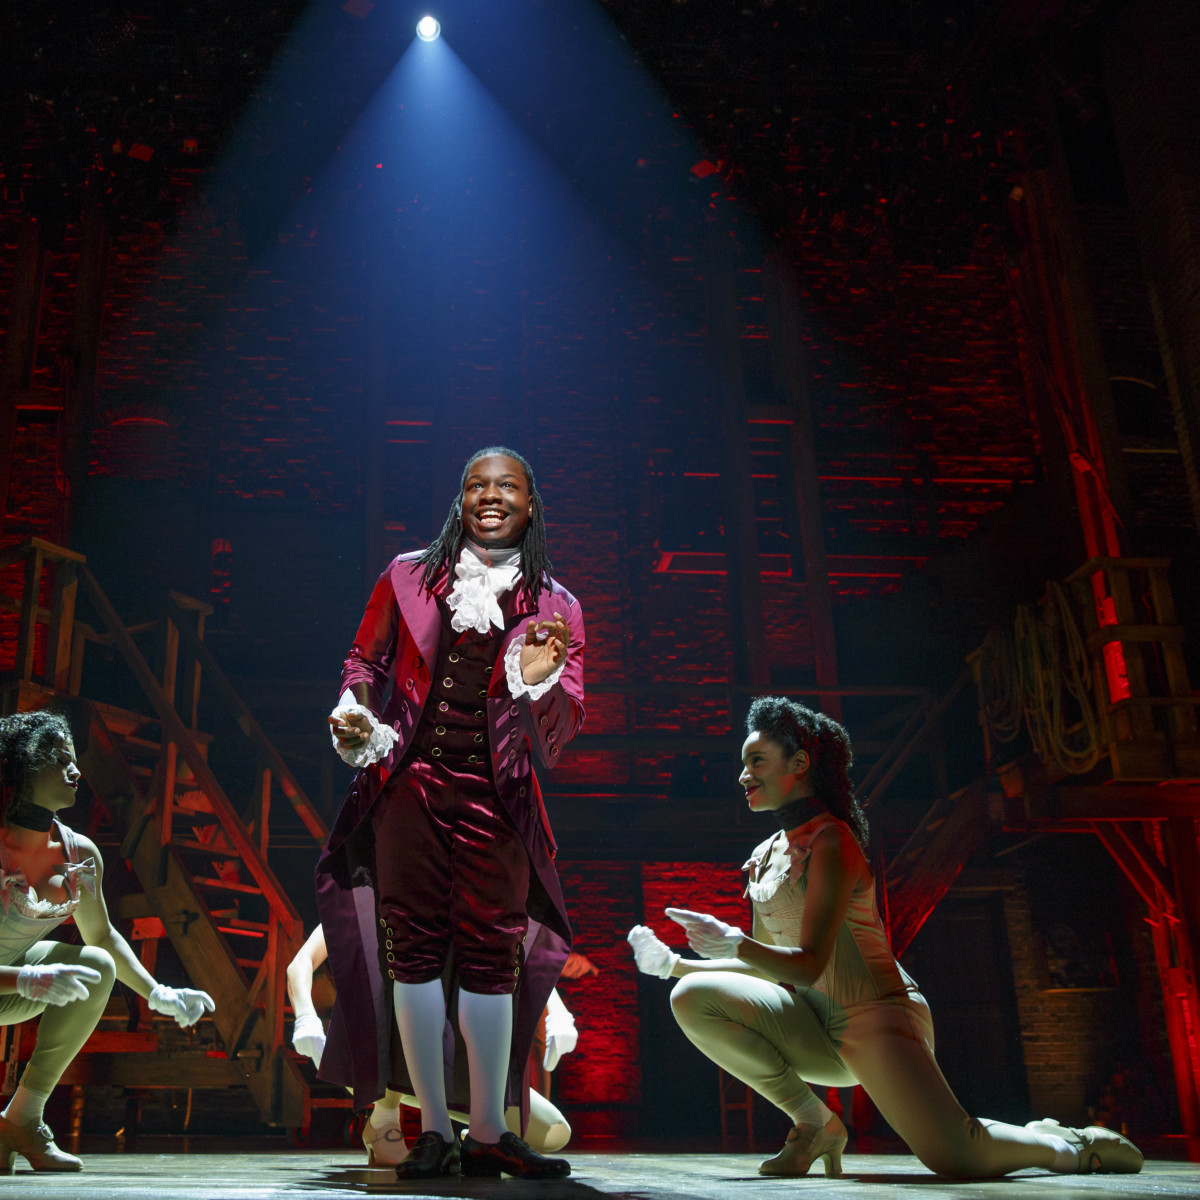 Chris De'Sean Lee in Hamilton